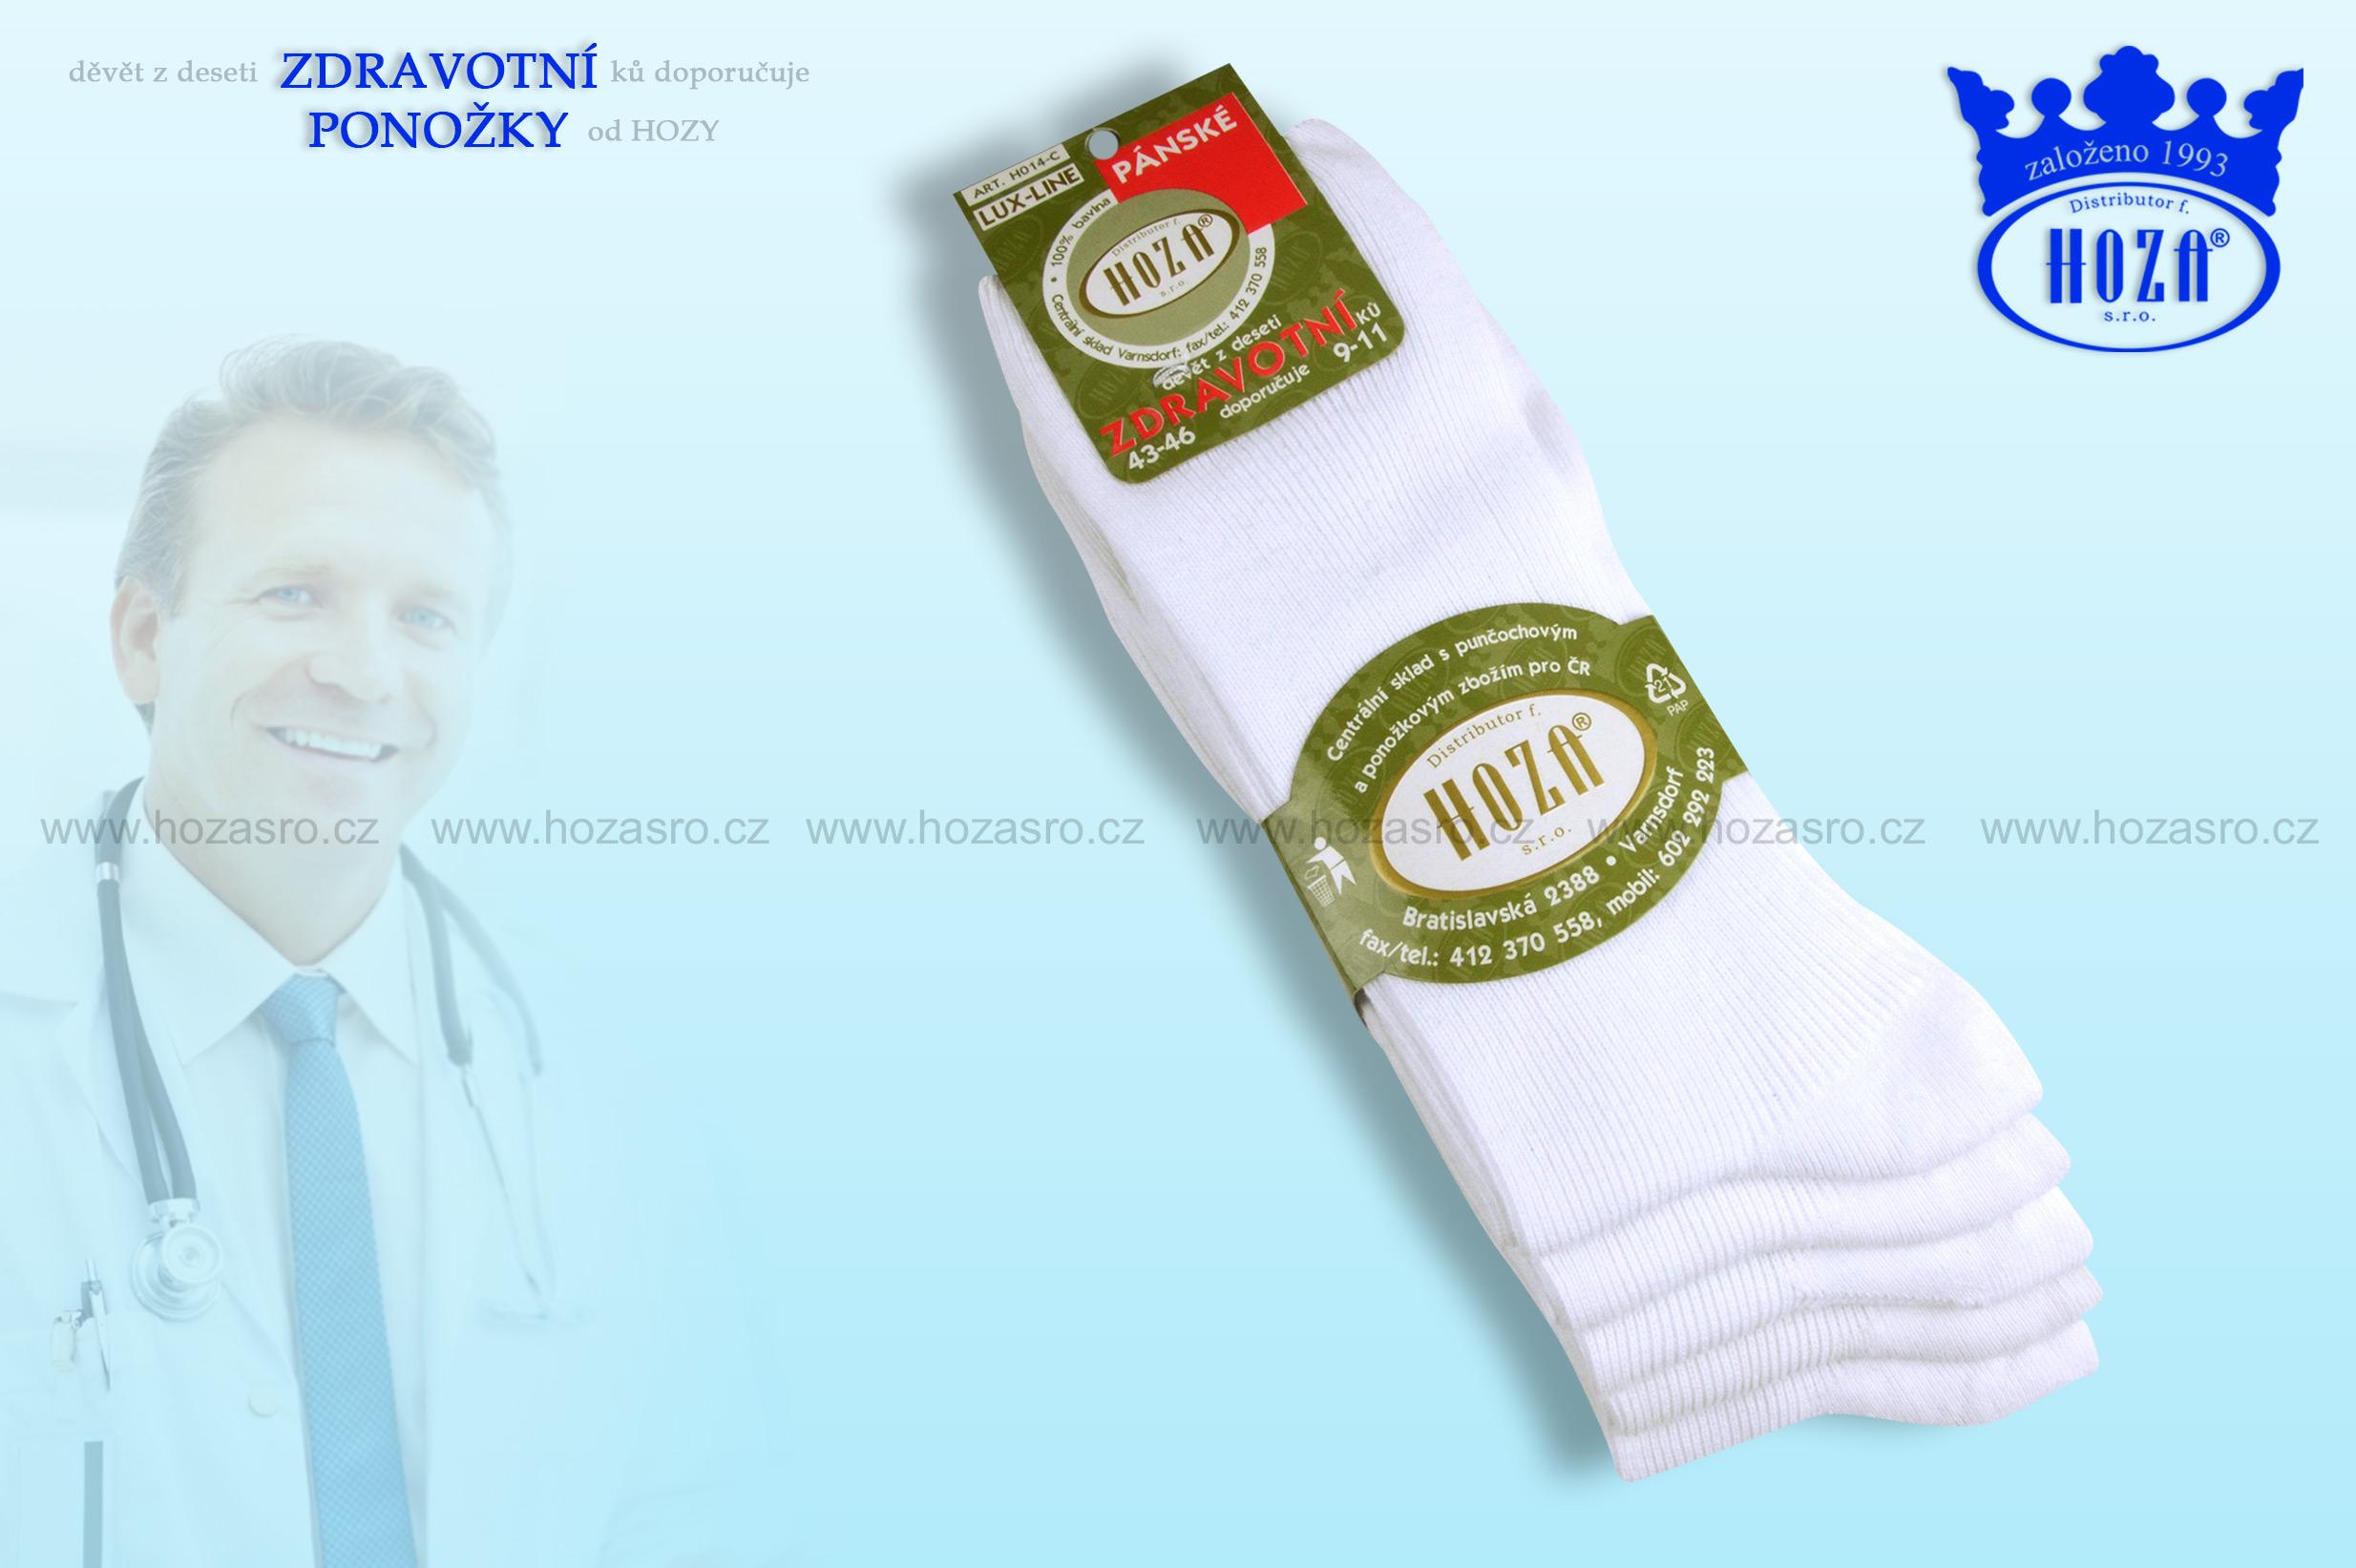 5bd7acbb7a1 Ponožky pro dospělé » Ponožky pro zdravé nohy -